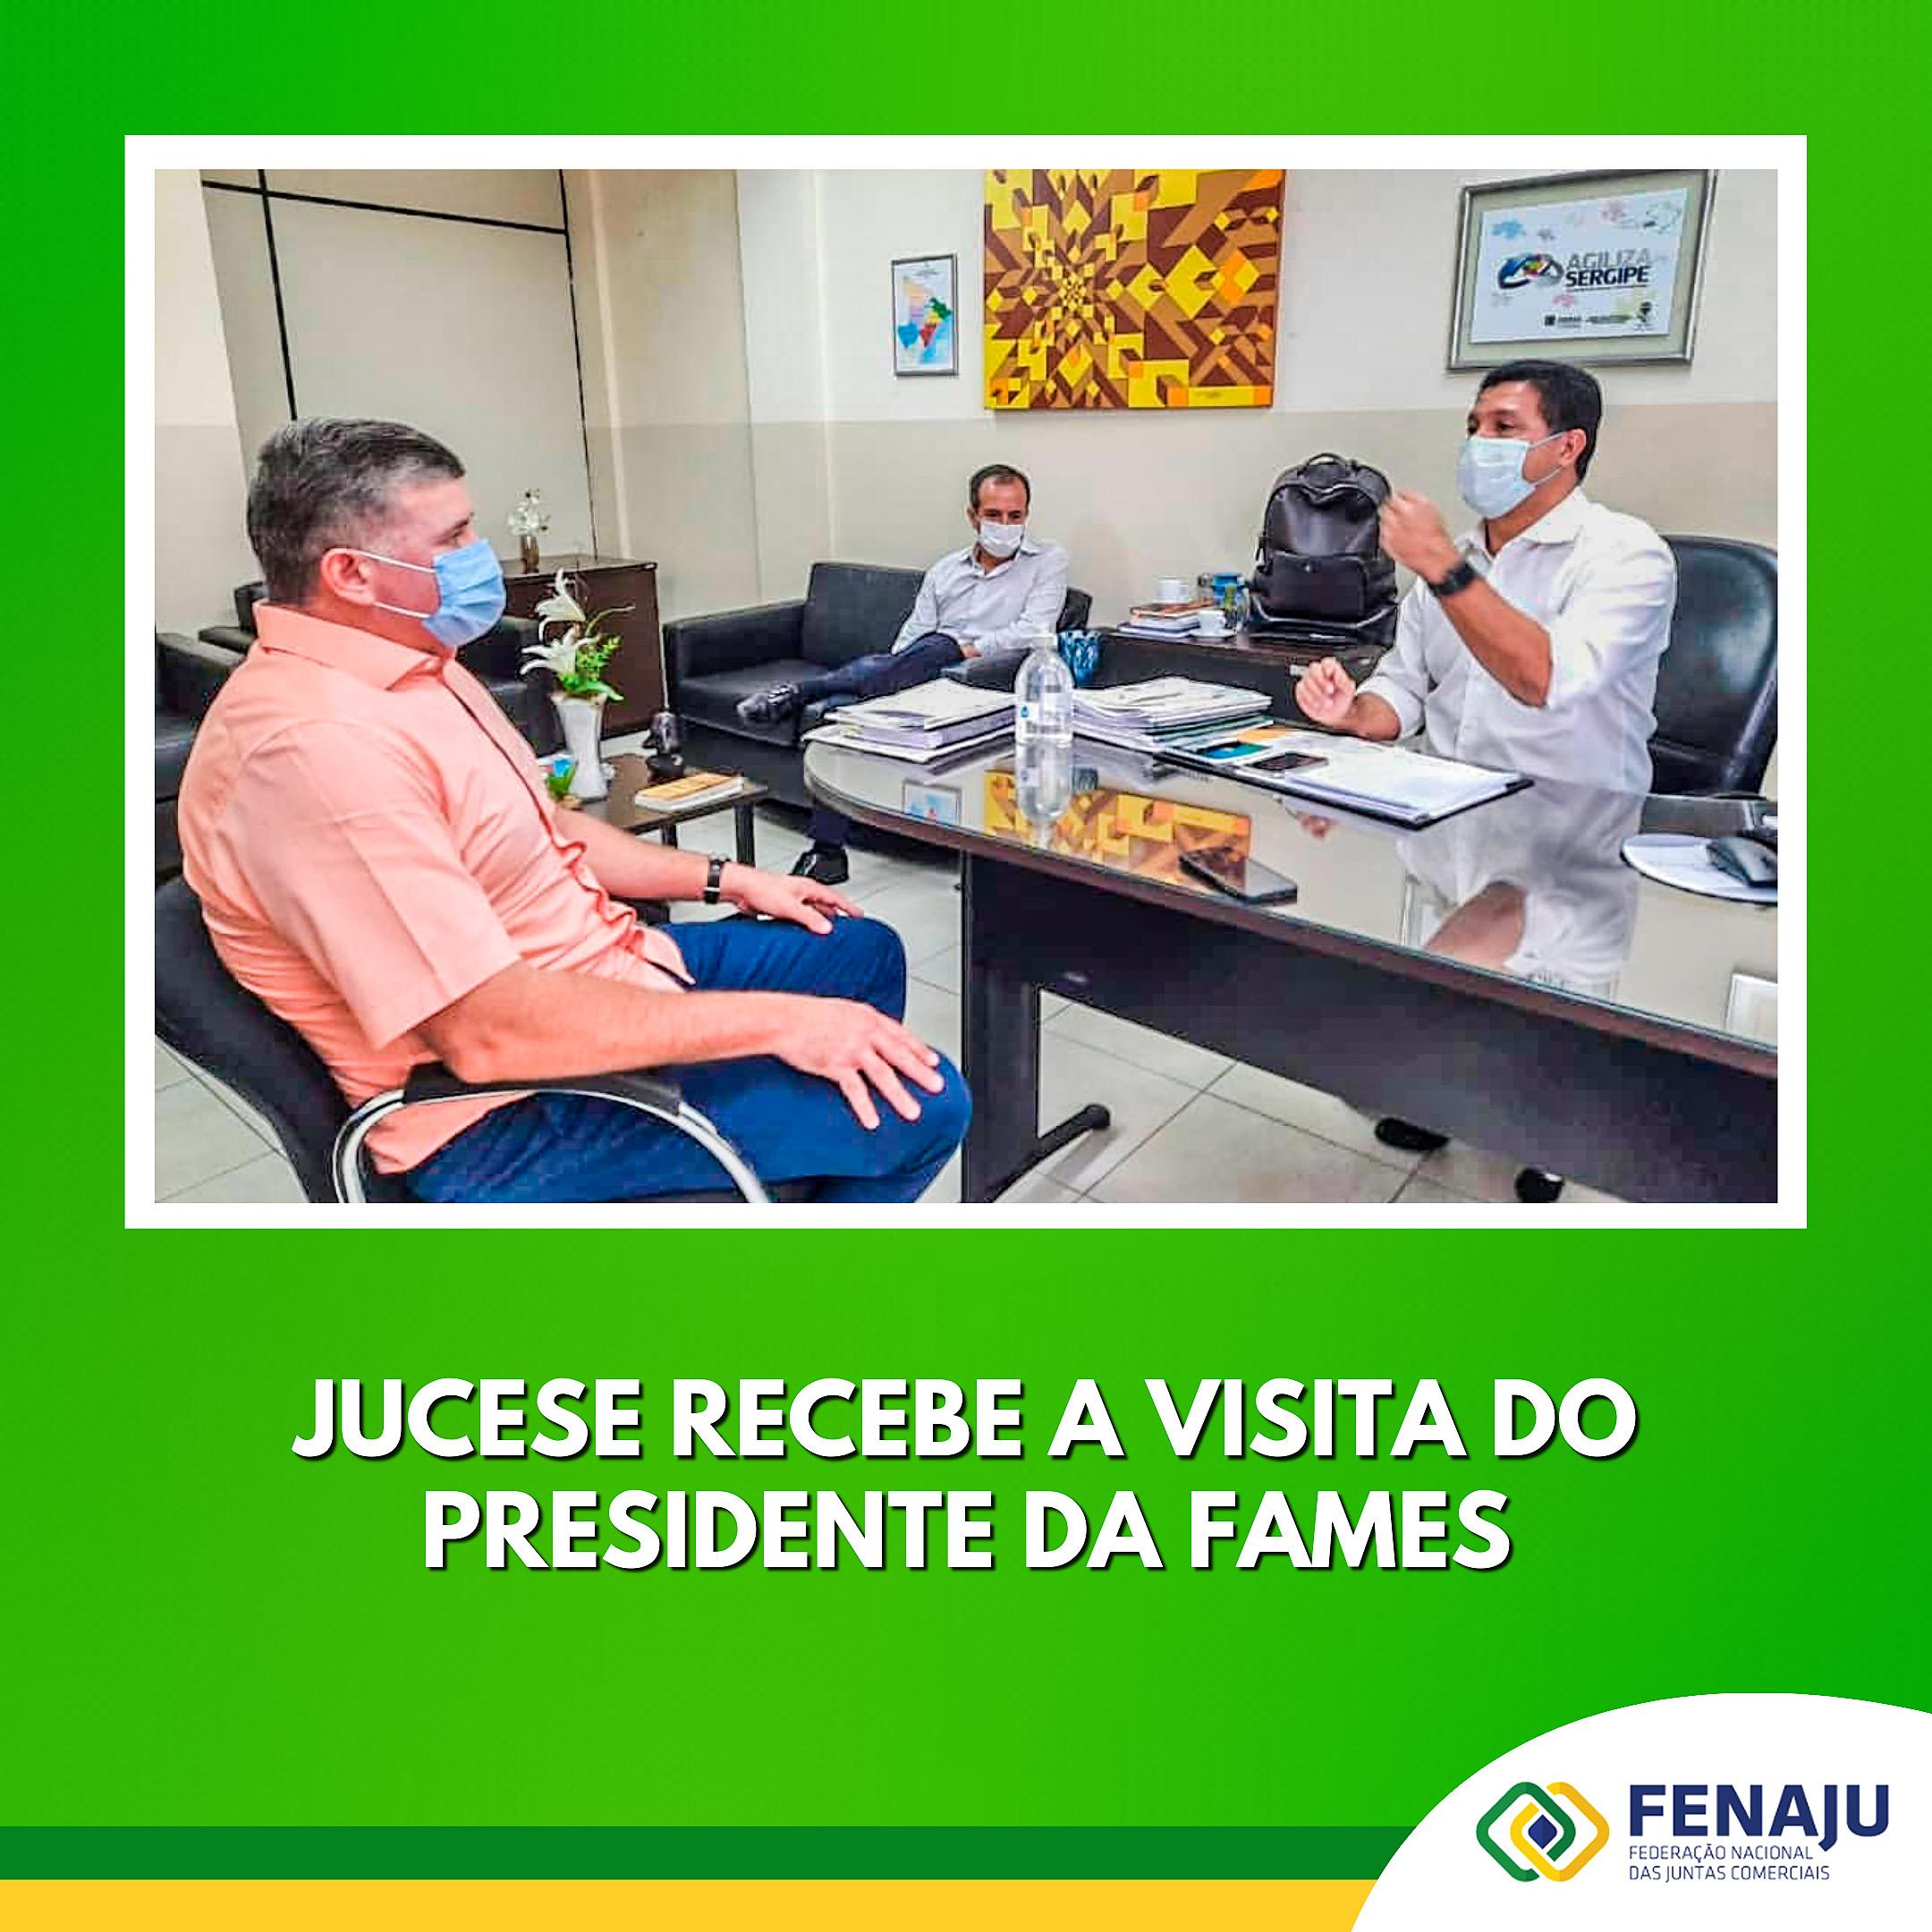 JUCESE recebe a visita do presidente da FAMES